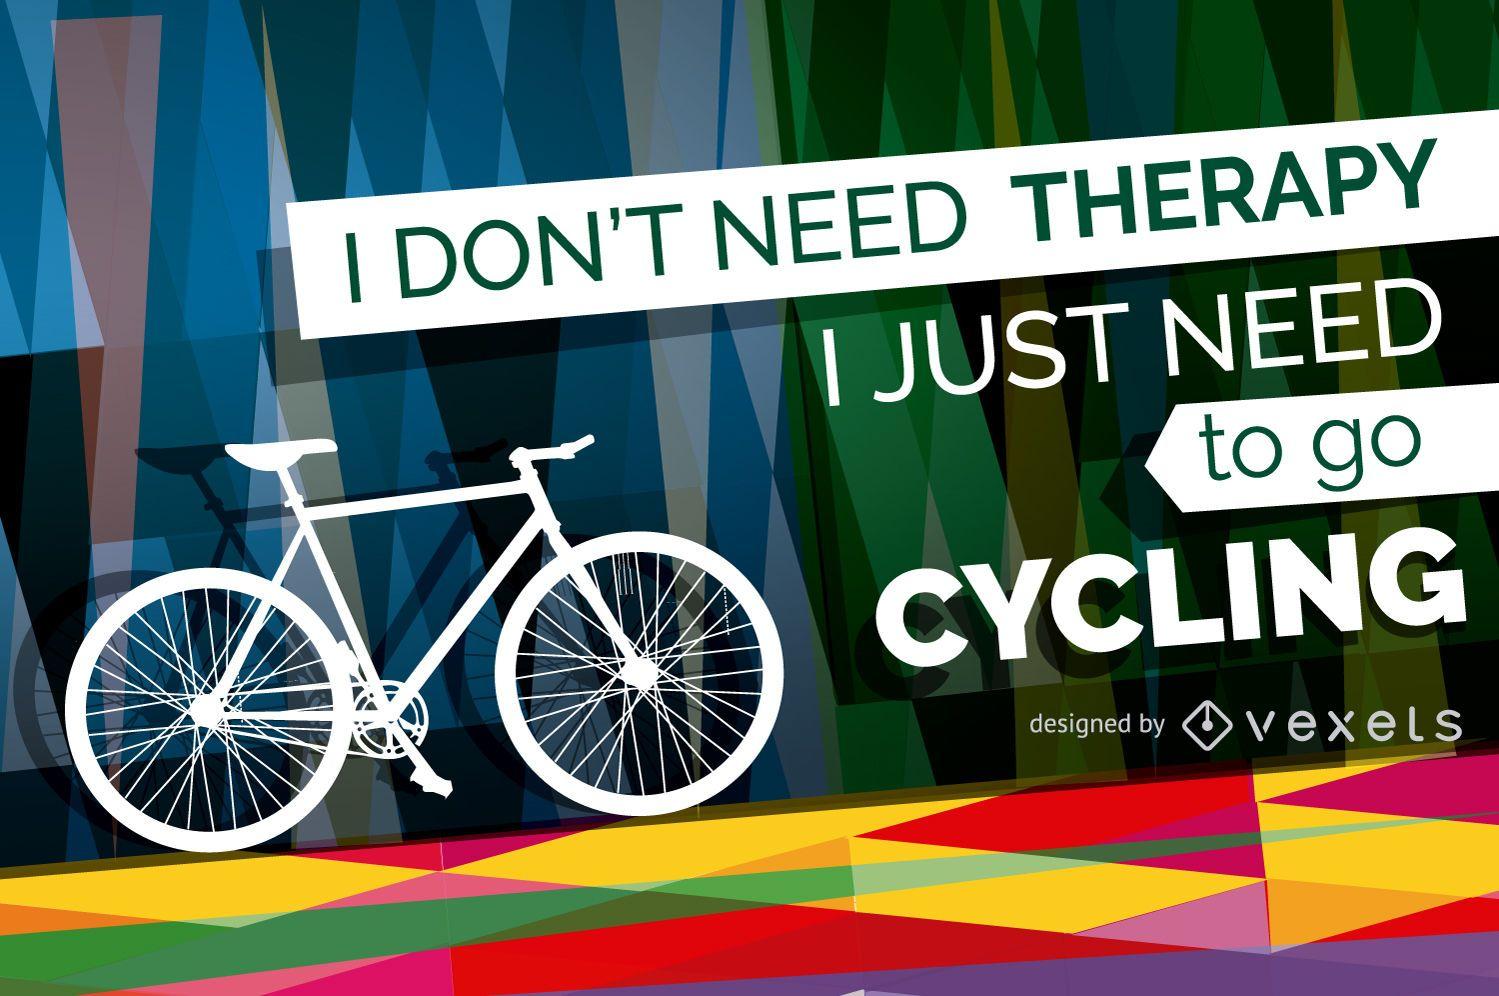 Cartel de bicicleta con mensaje